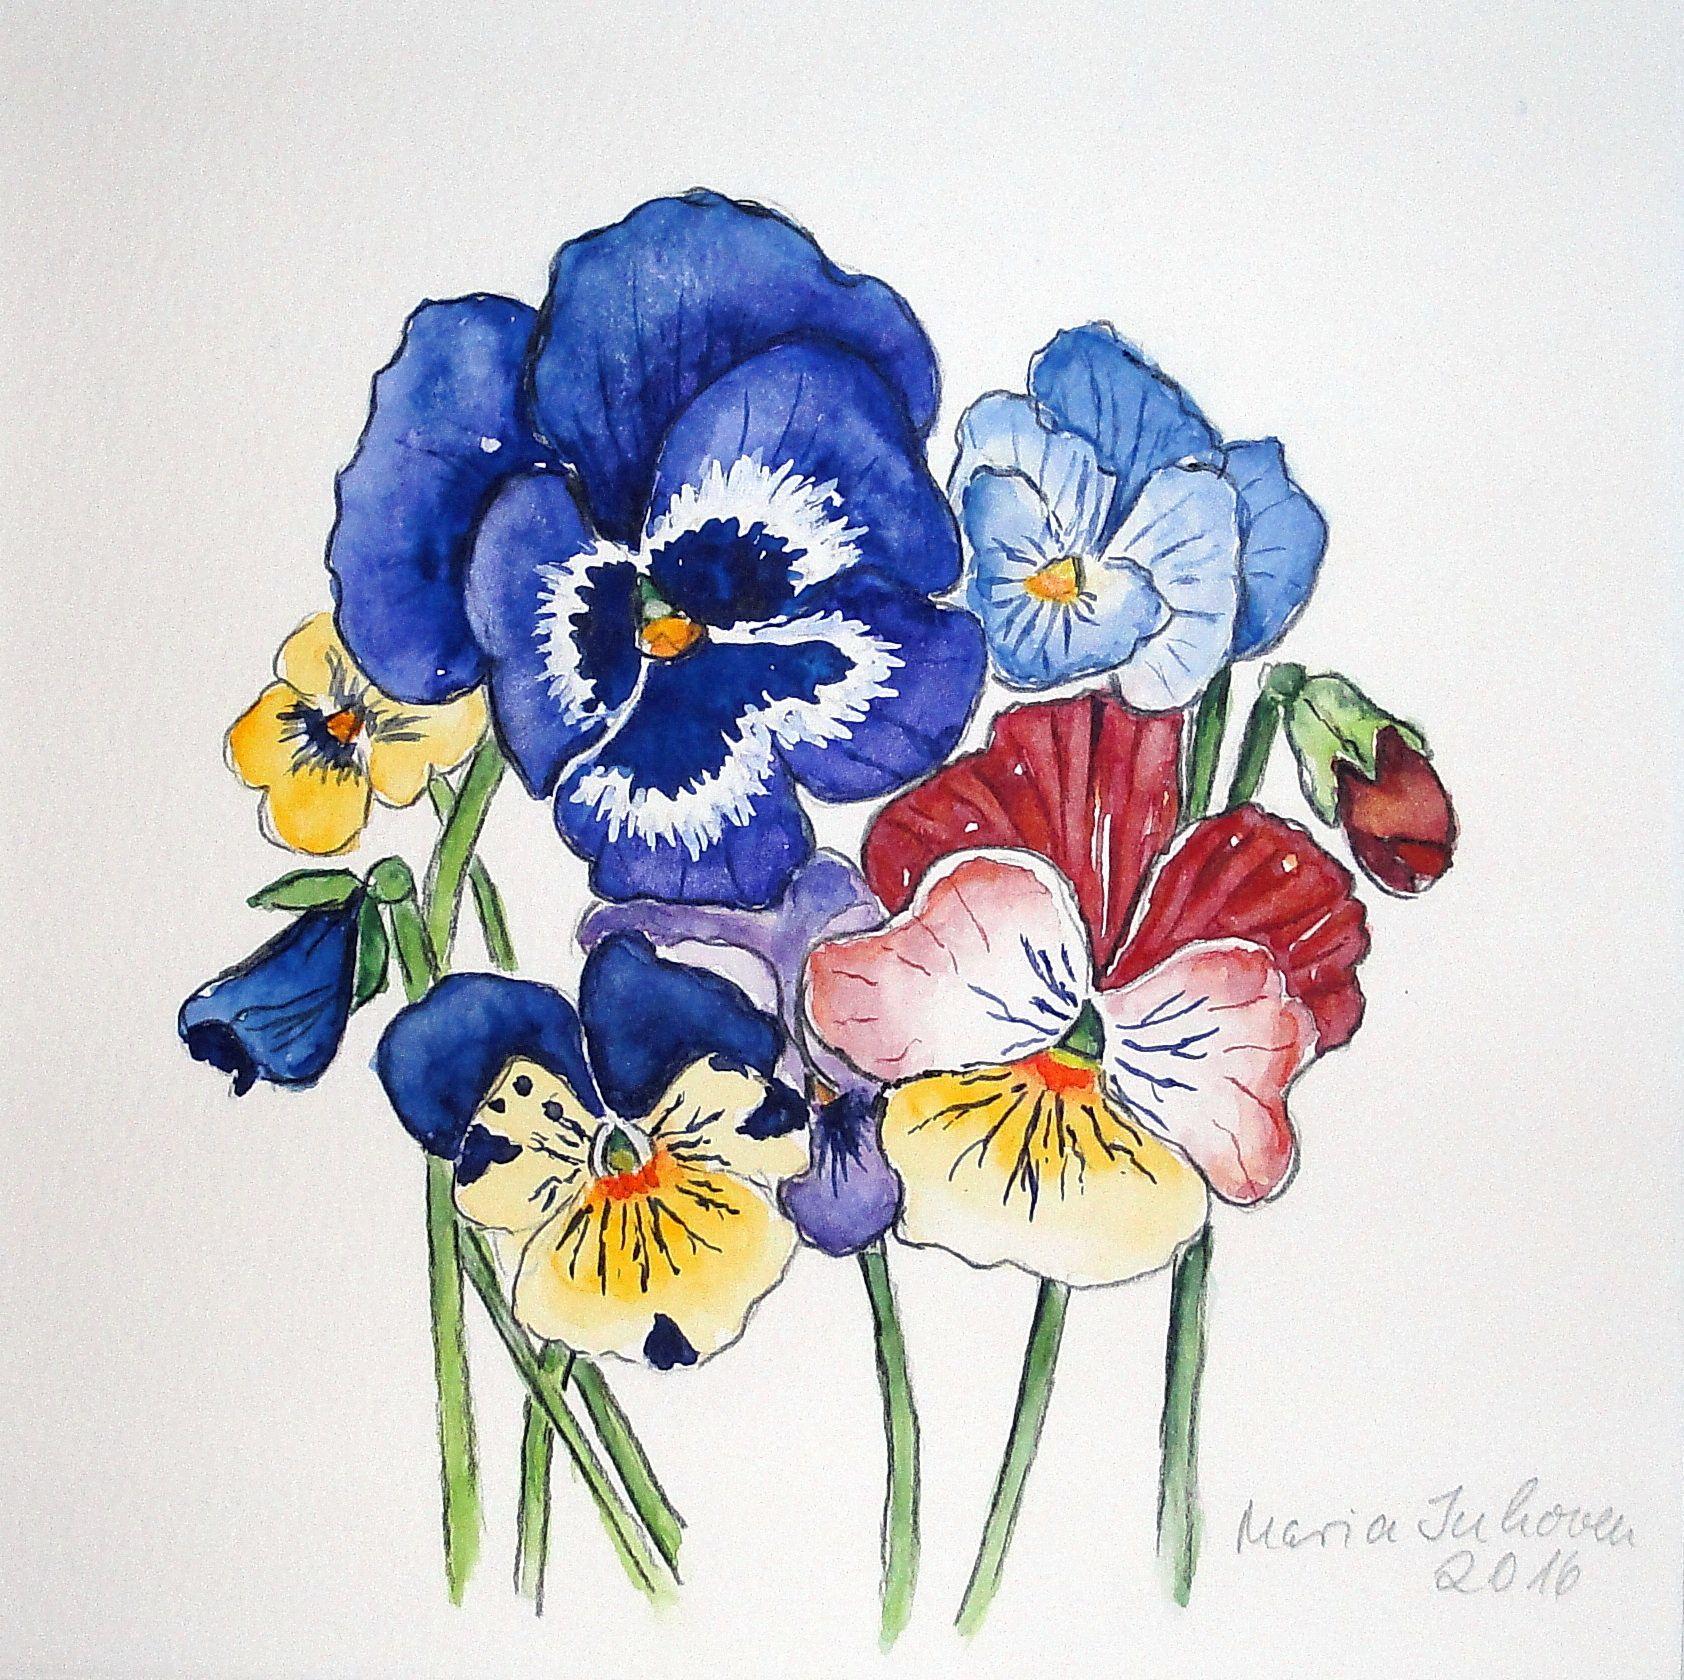 stiefmütterchen - watercolormaria inhoven